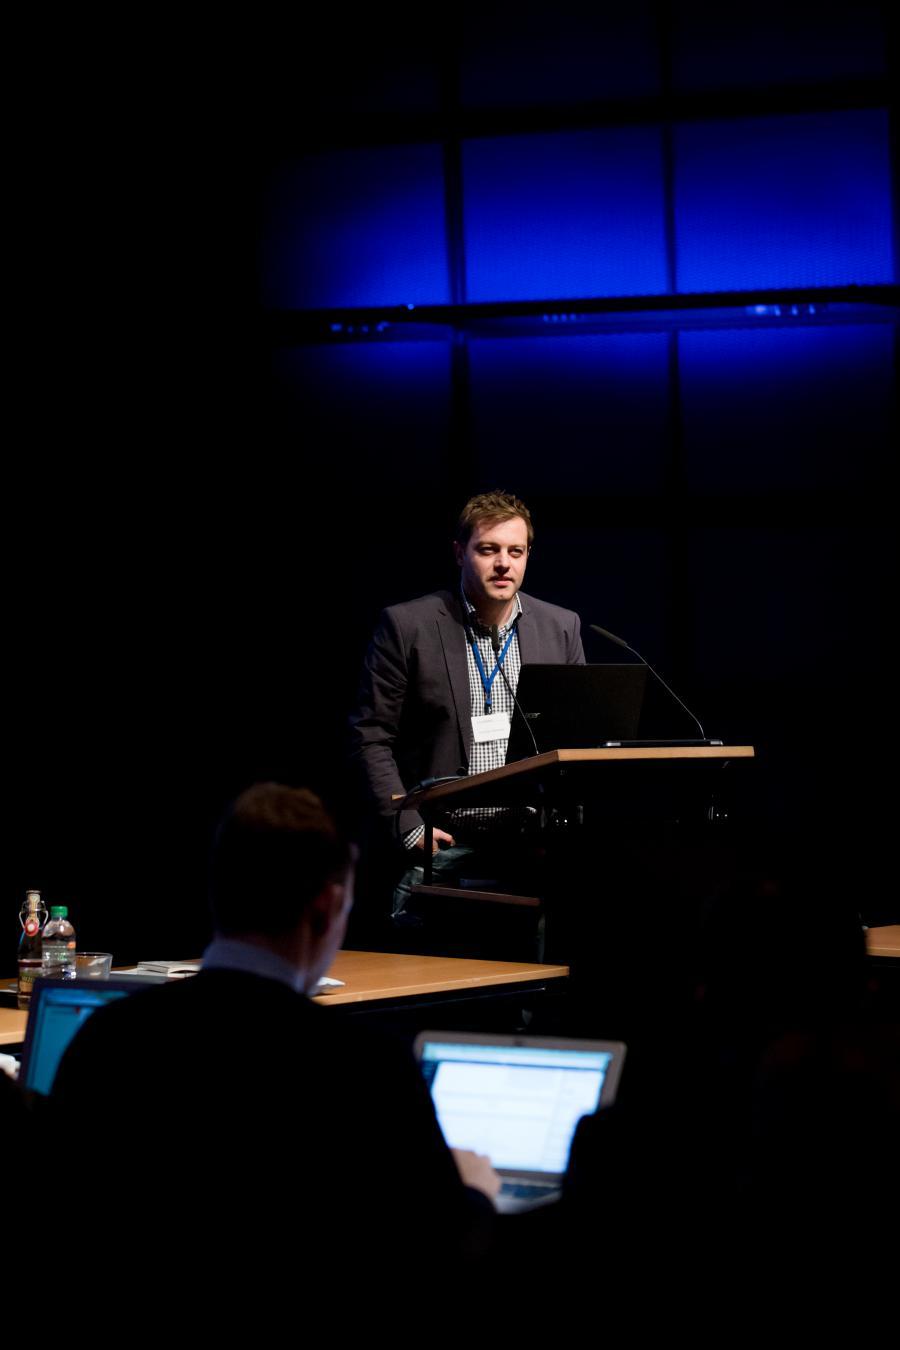 Christian Salewski @ Symposium »Onlinejournalismus und die 4. Macht«, 18.9.2015